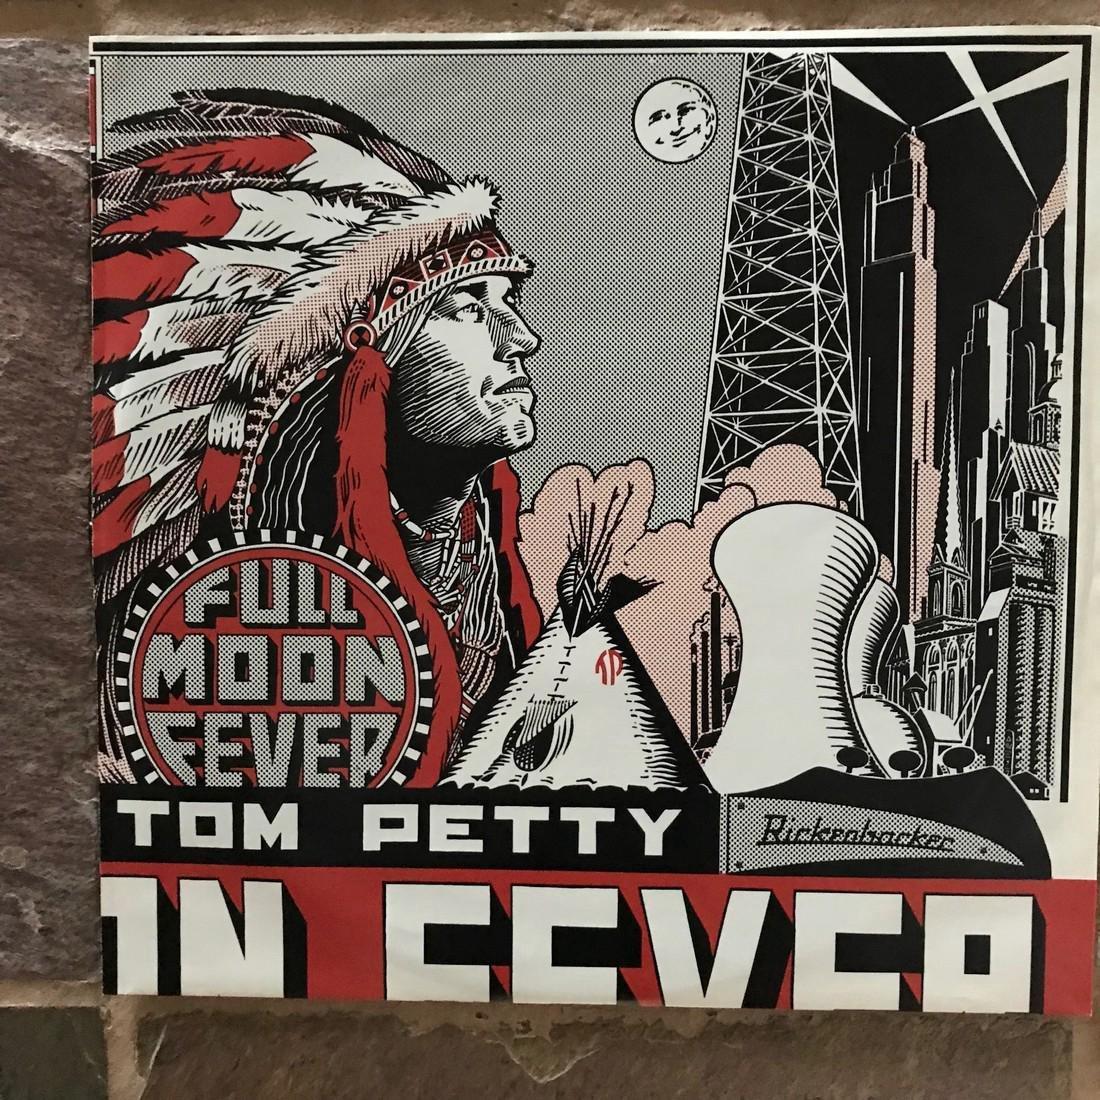 Tom Petty Signed Full Moon Fever album - 4